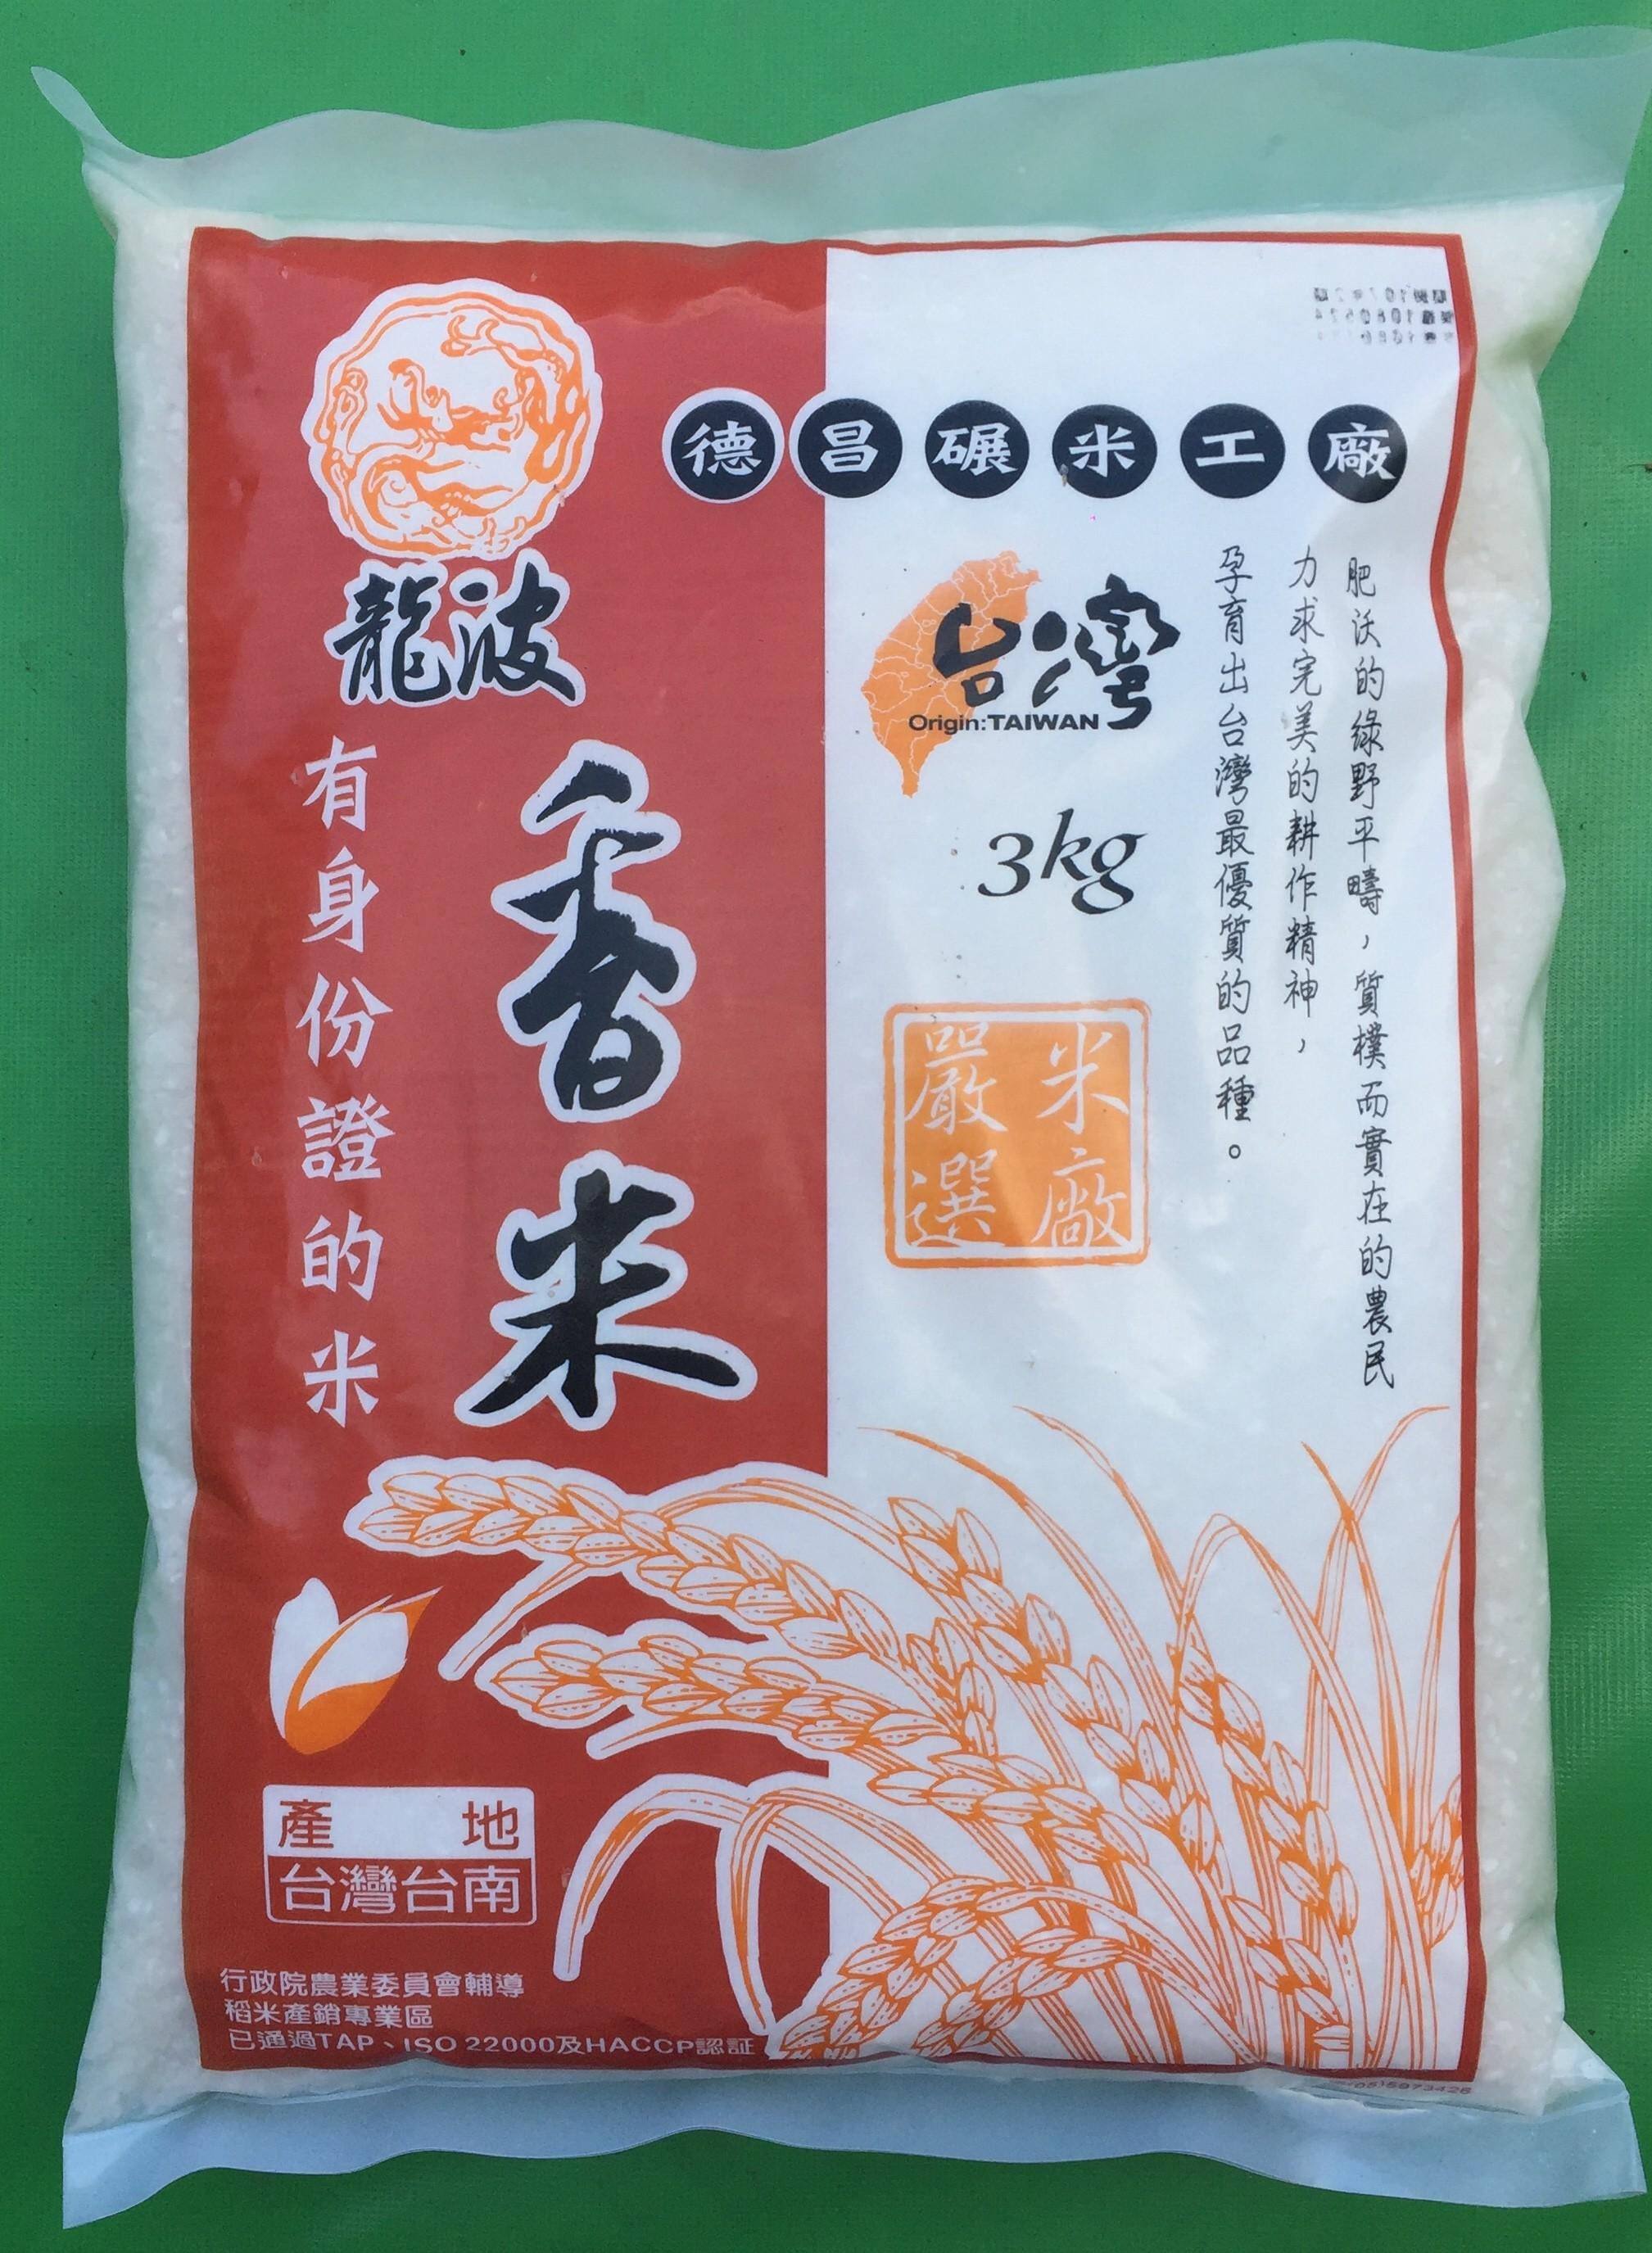 美安顧客推薦好吃_有身份證的米_龍波香米( 3000克重/包 )